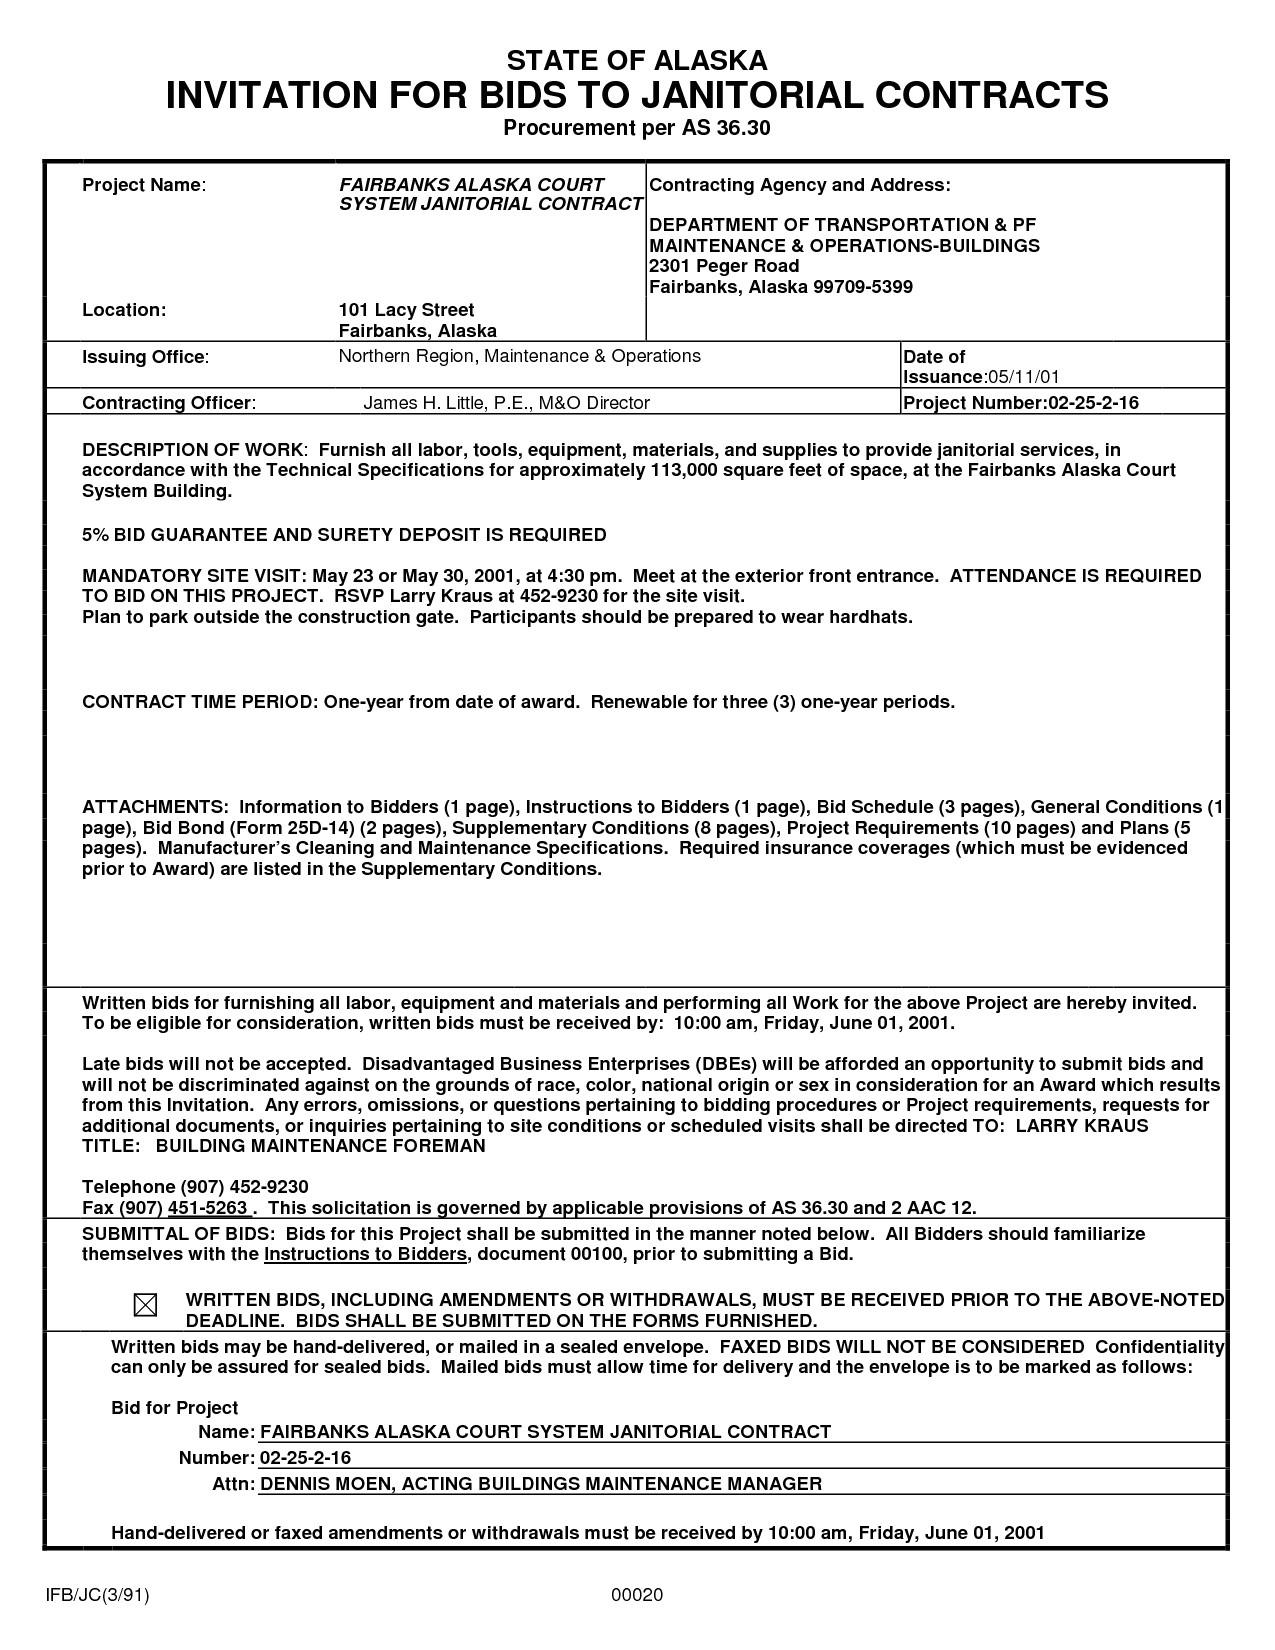 dcaa contract brief example